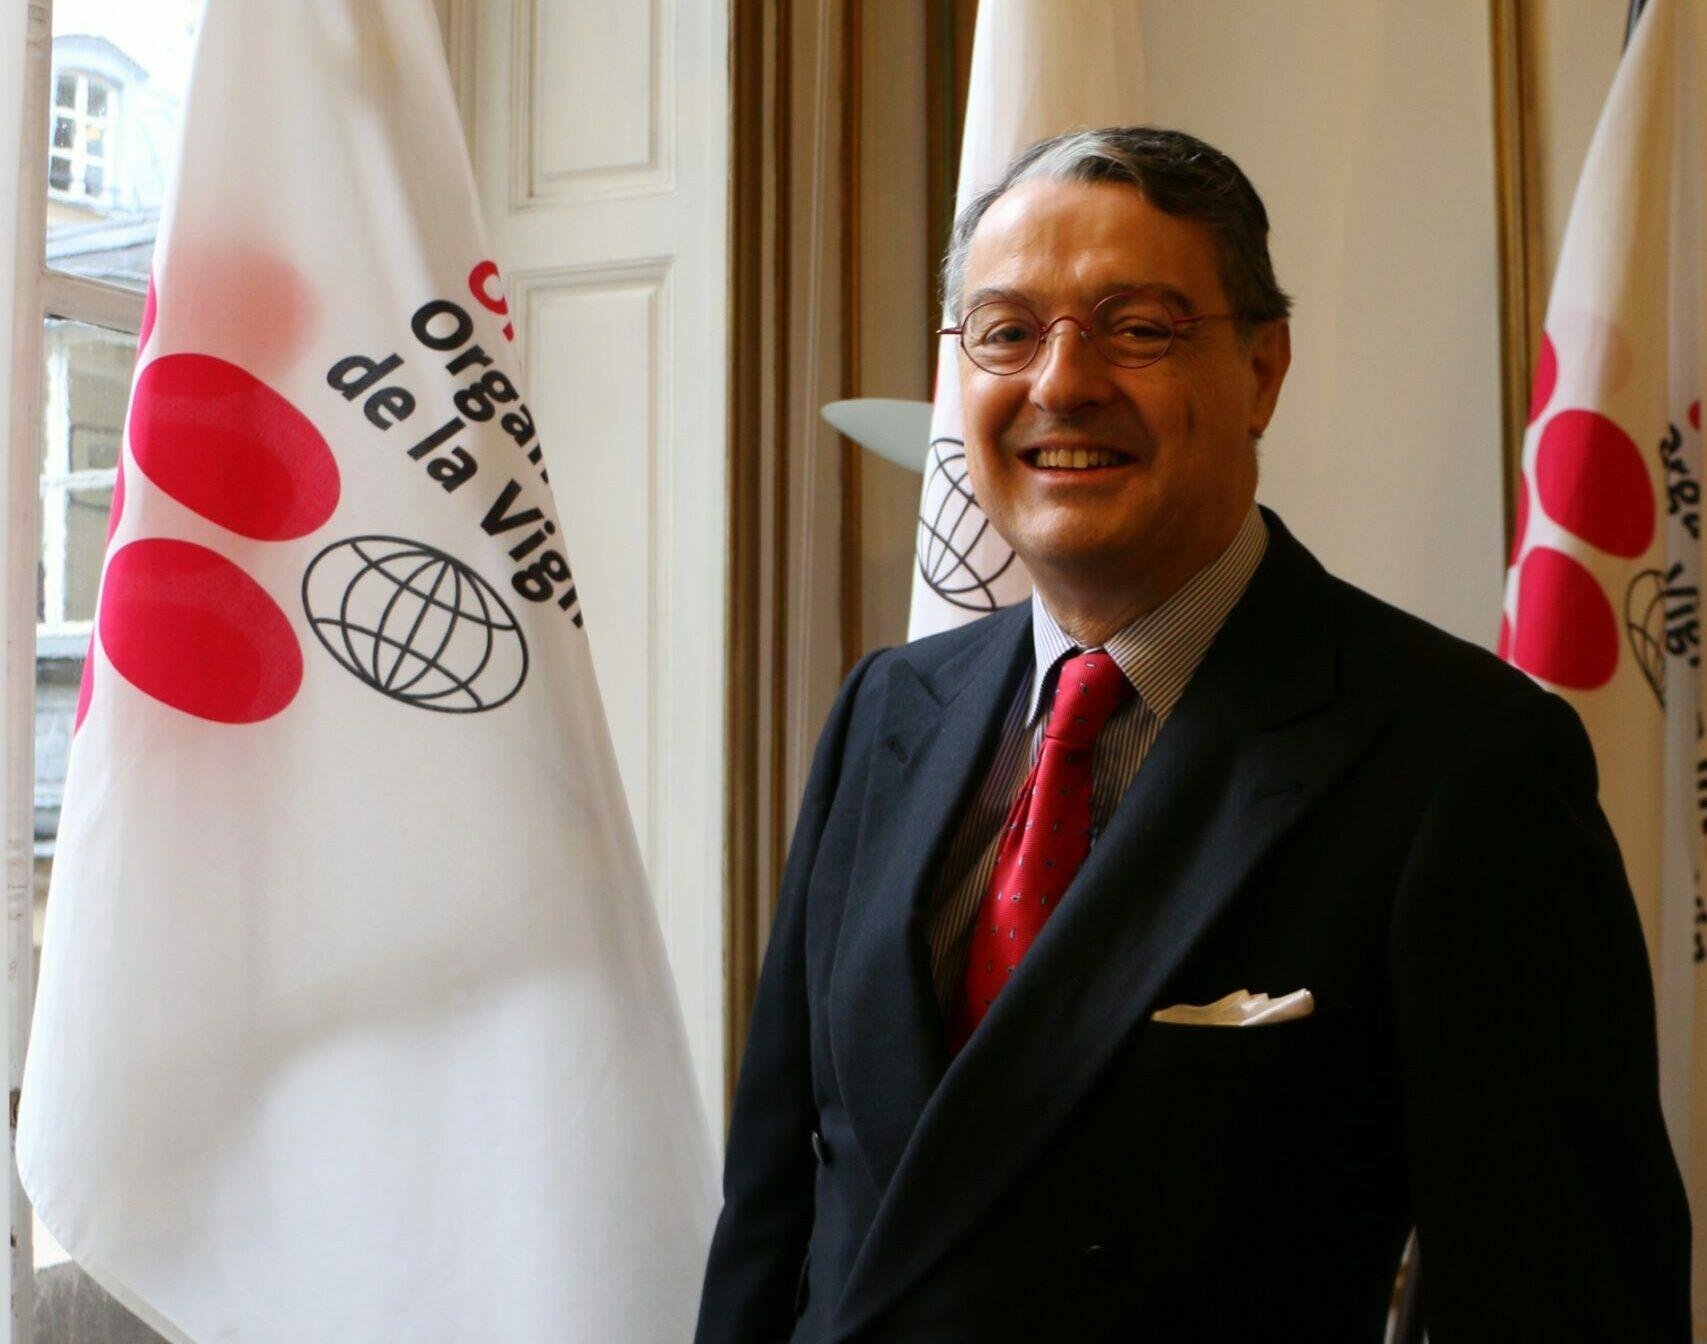 Pau Roca és el director general de la OIV